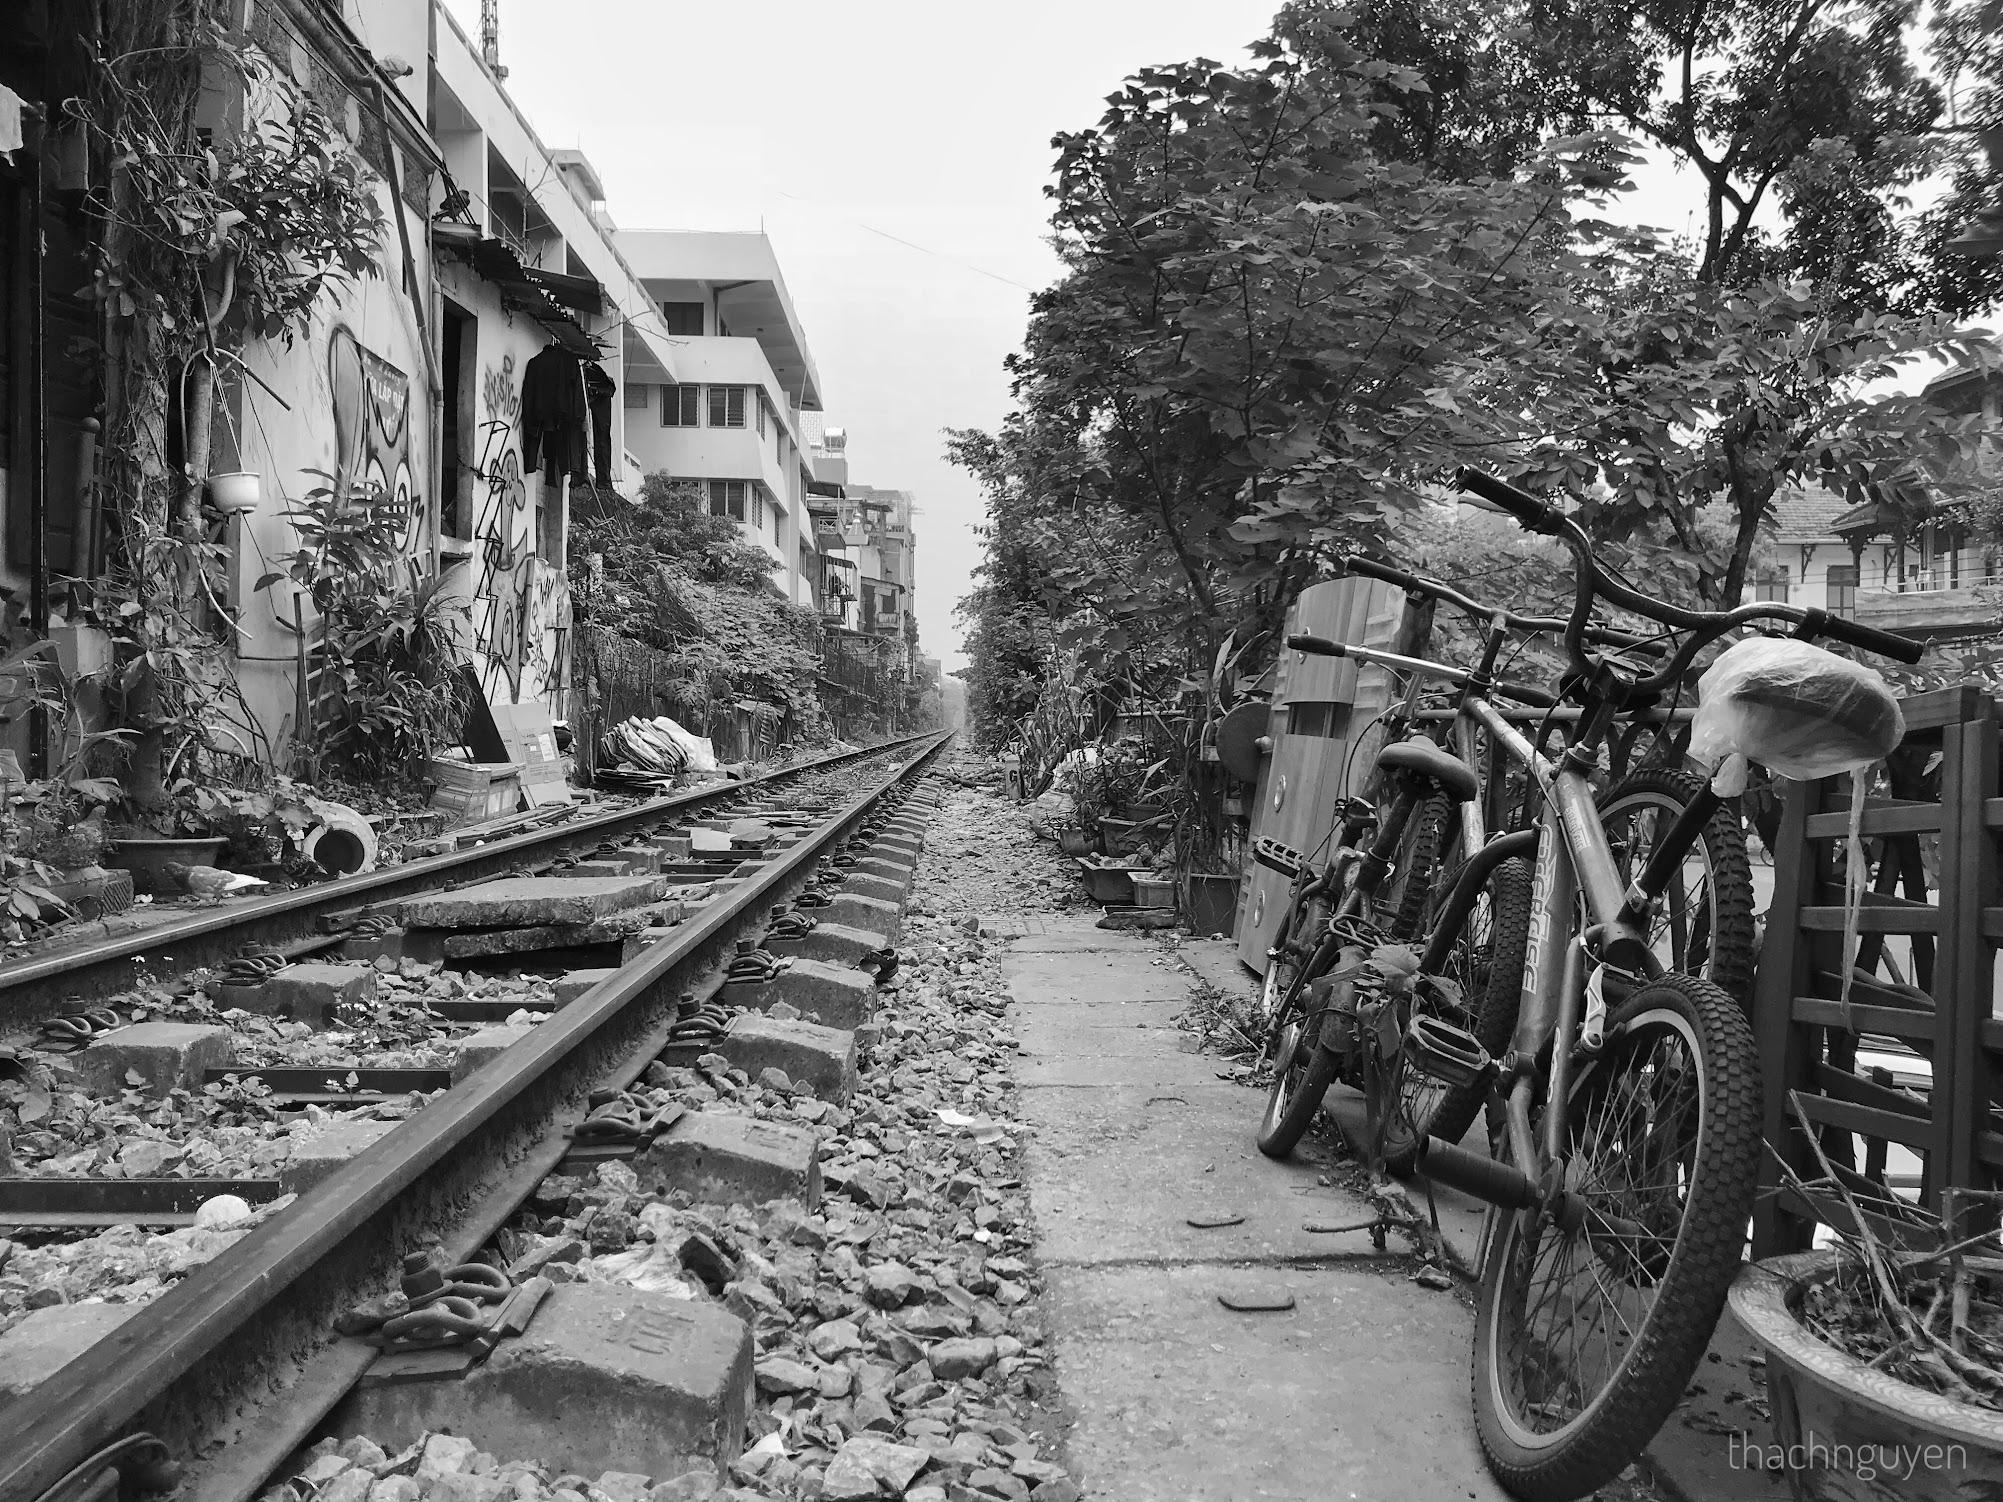 xe đạp cạnh đường tàu phùng hưng